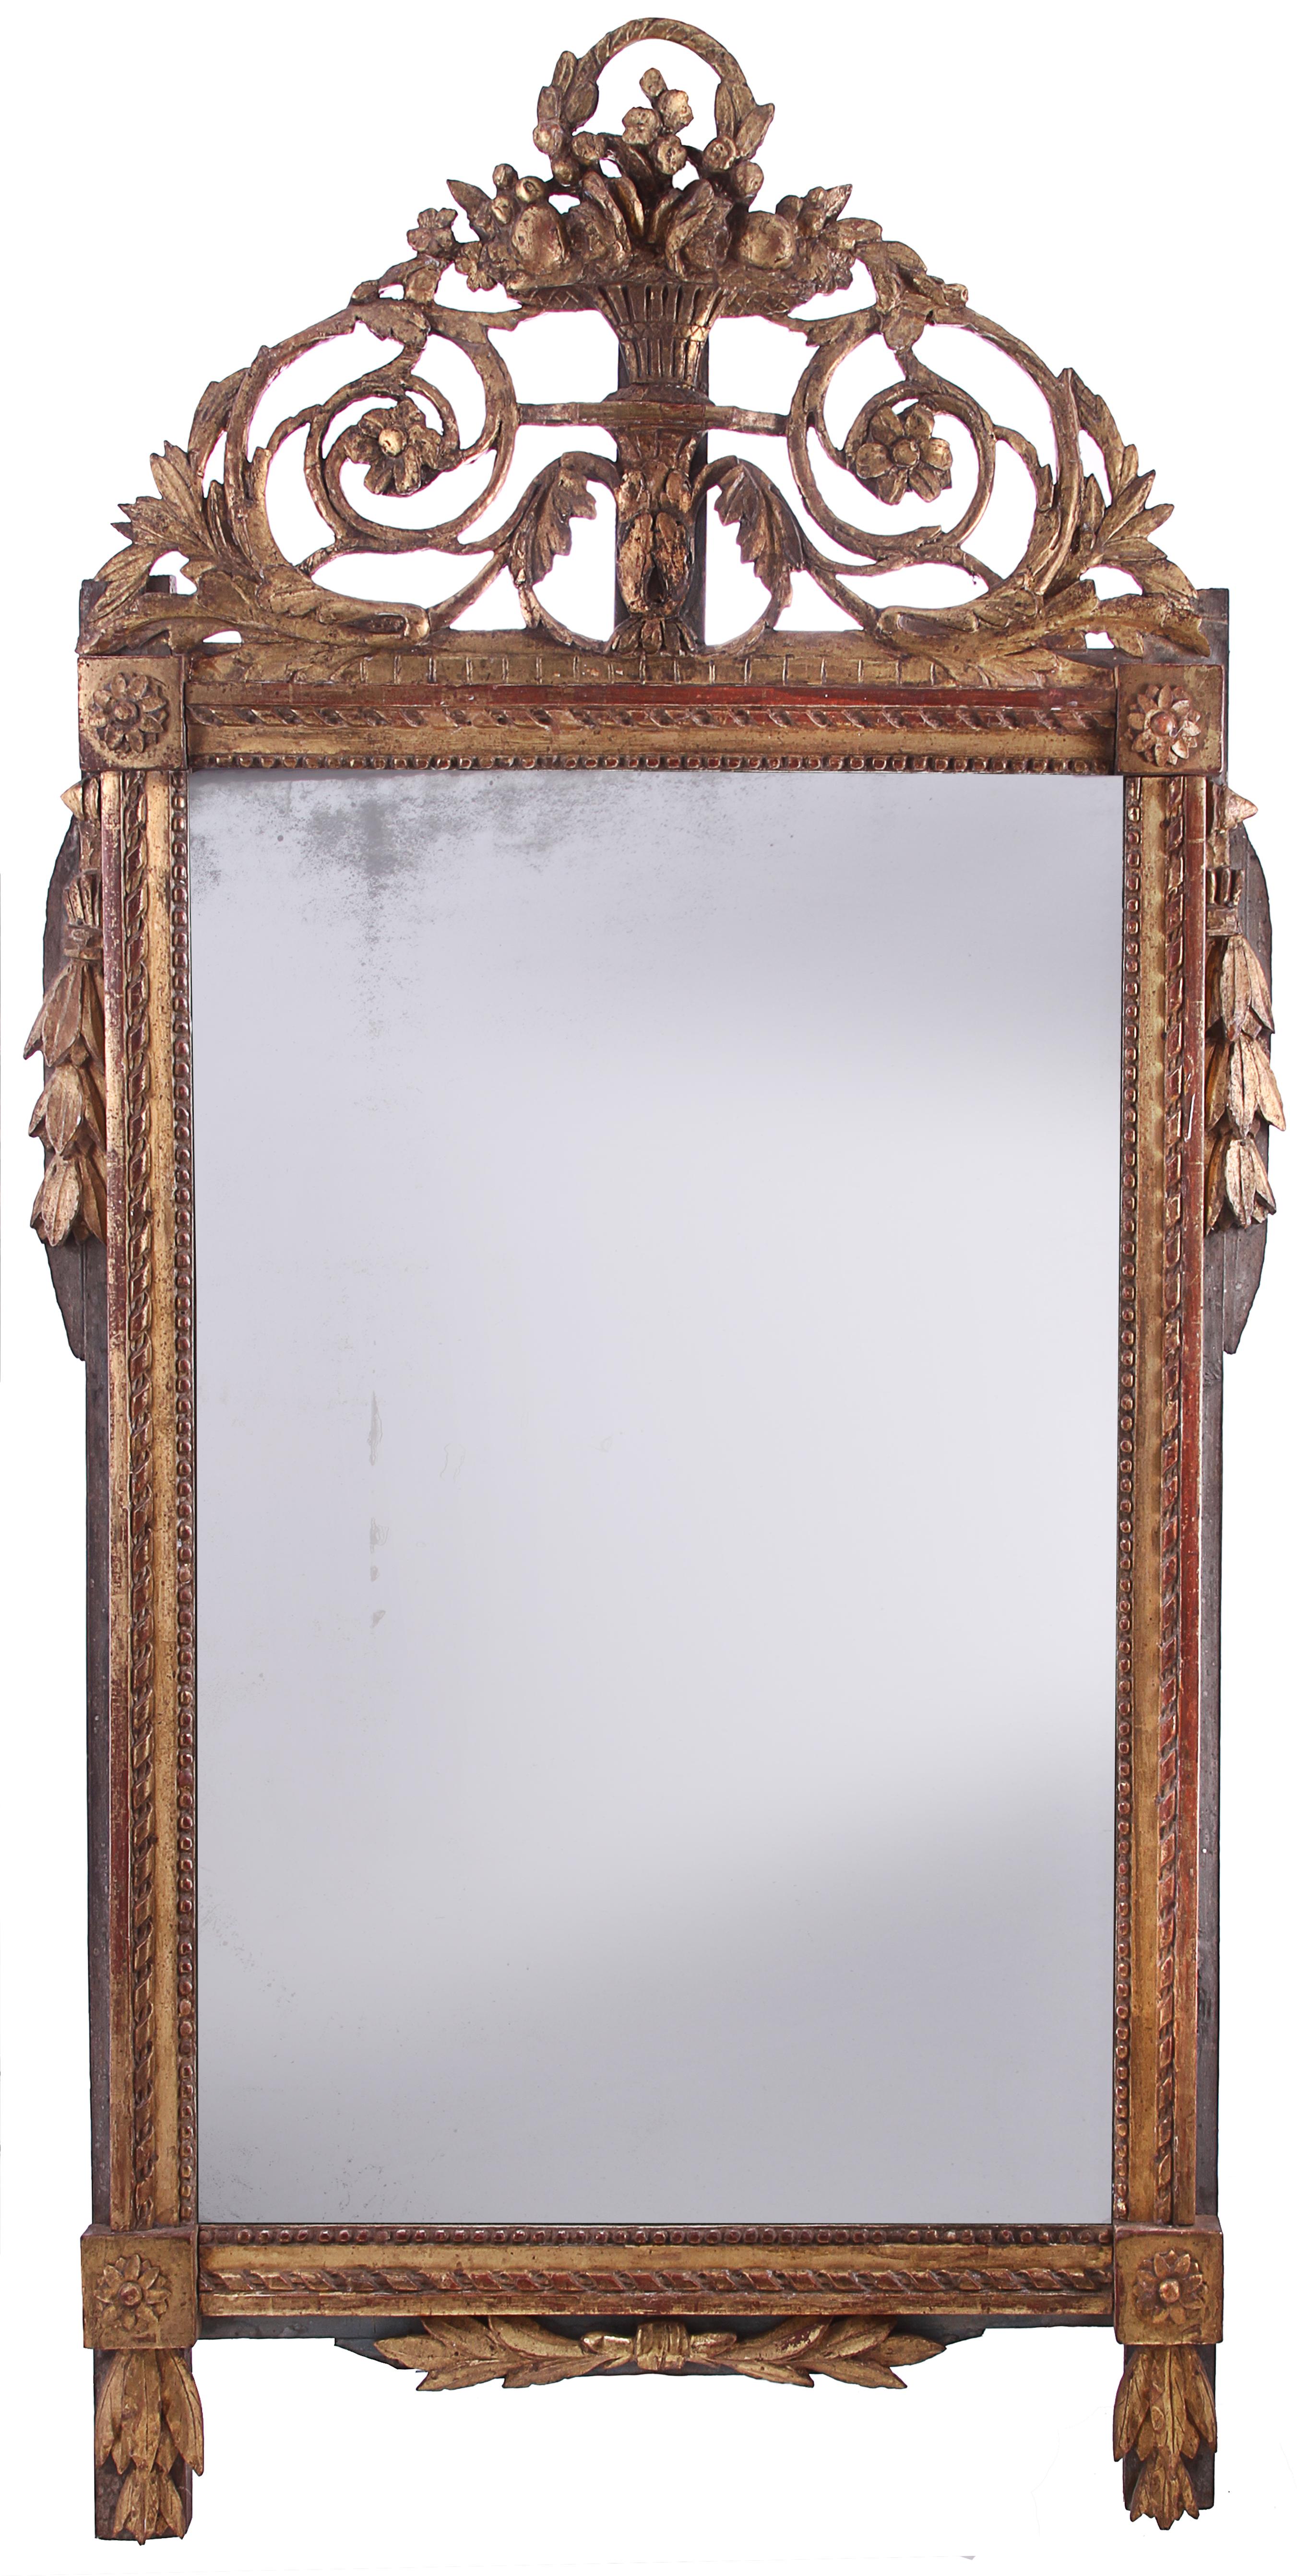 Spiegelrahmen von CONZEN sind ein besonderer Blickfang